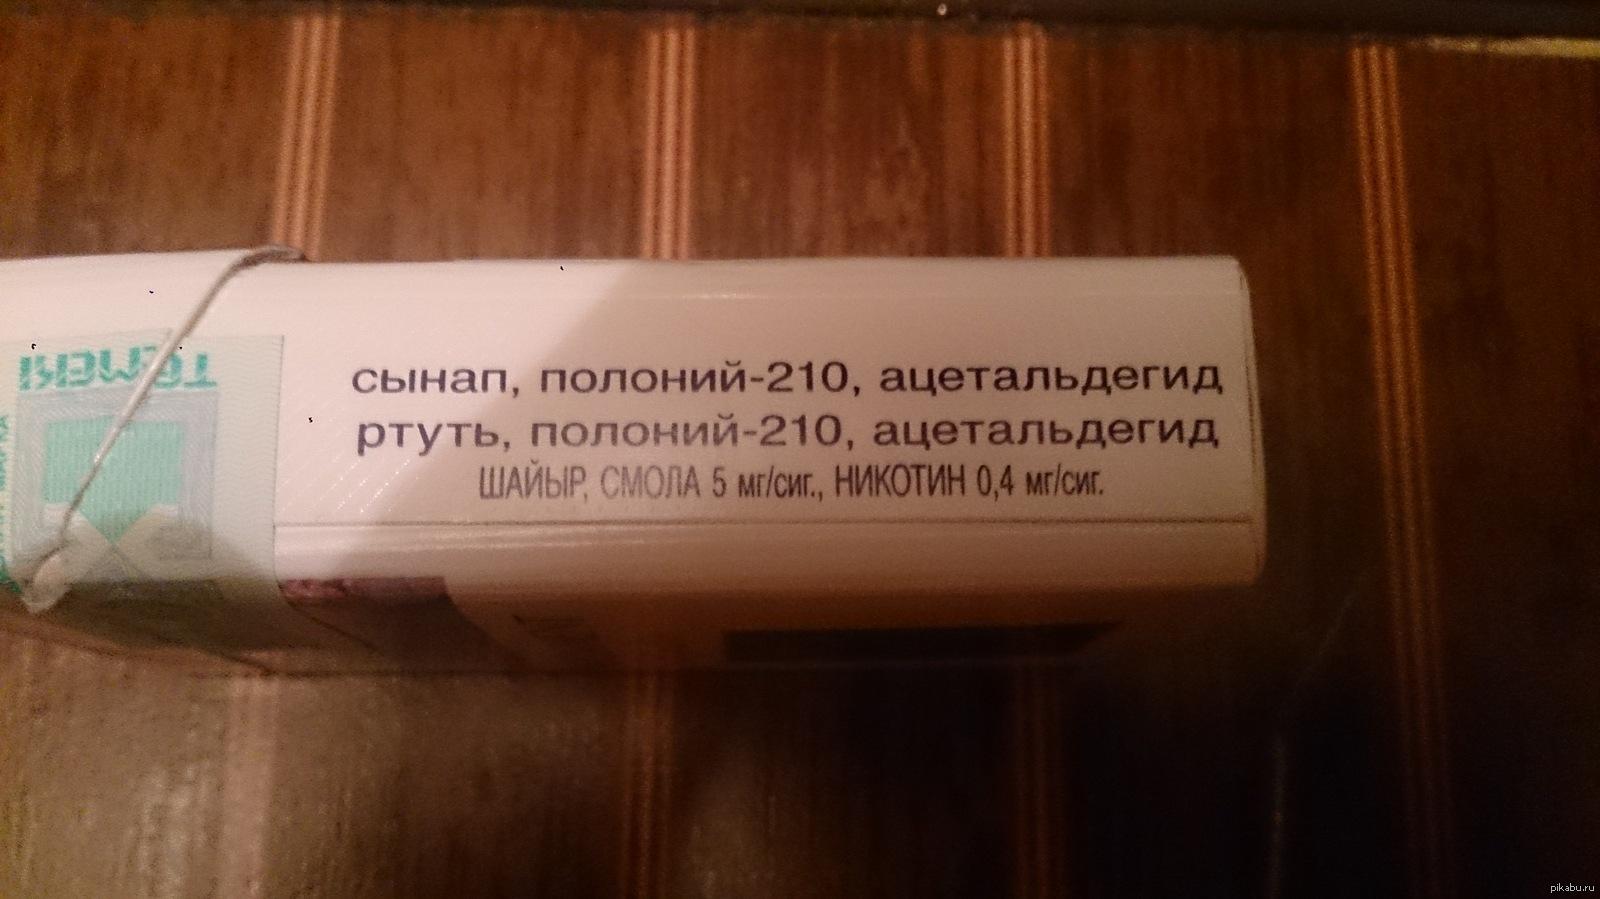 Где можно купить казахстанские сигареты купить электронную сигарету в павлодаре